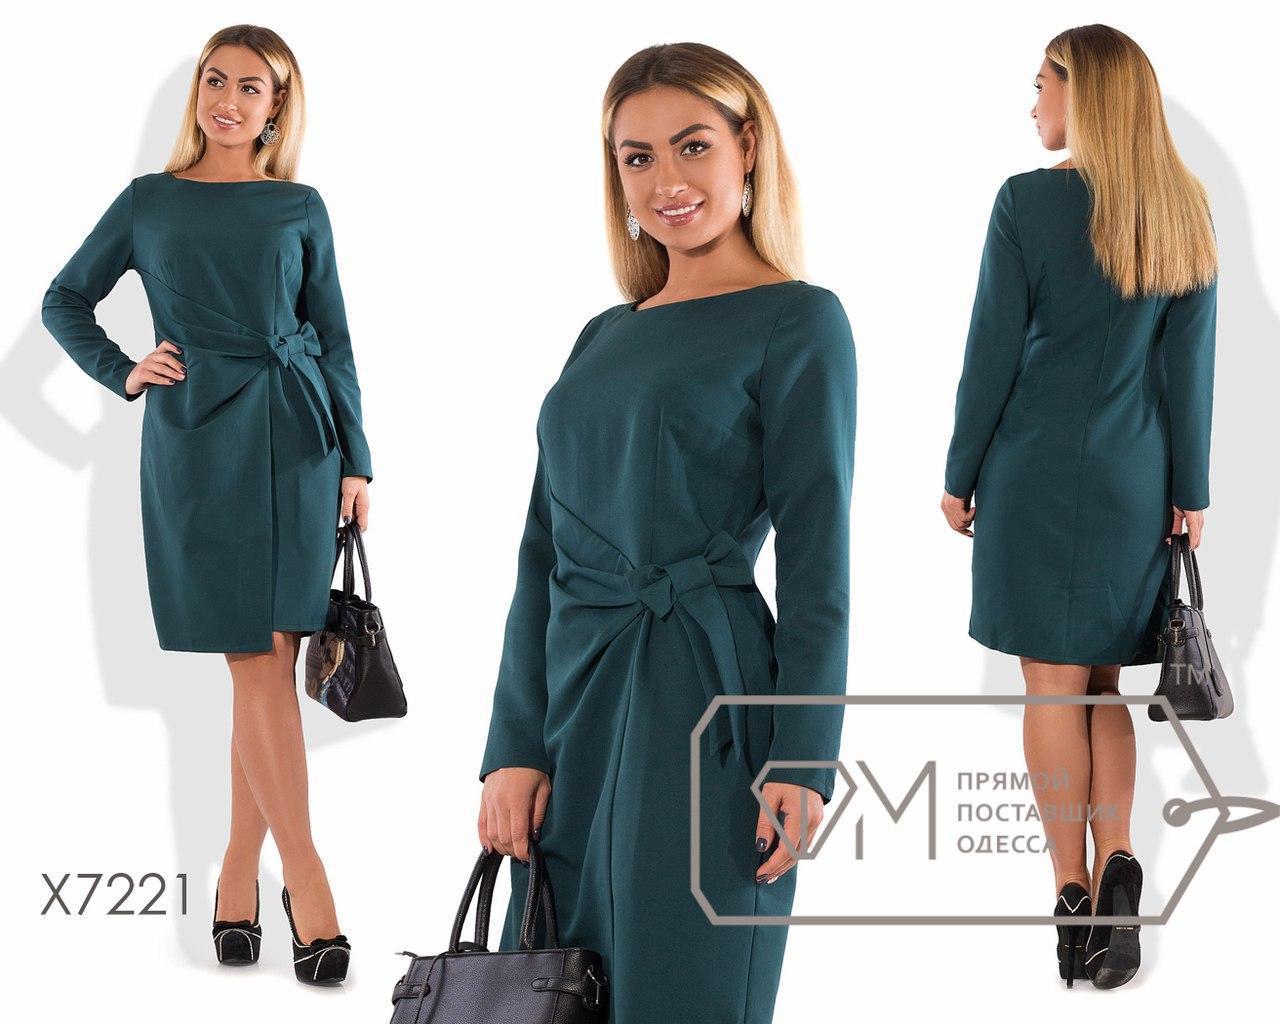 Женское платье большого размера до колена длиной с длинным рукавом fmx7221